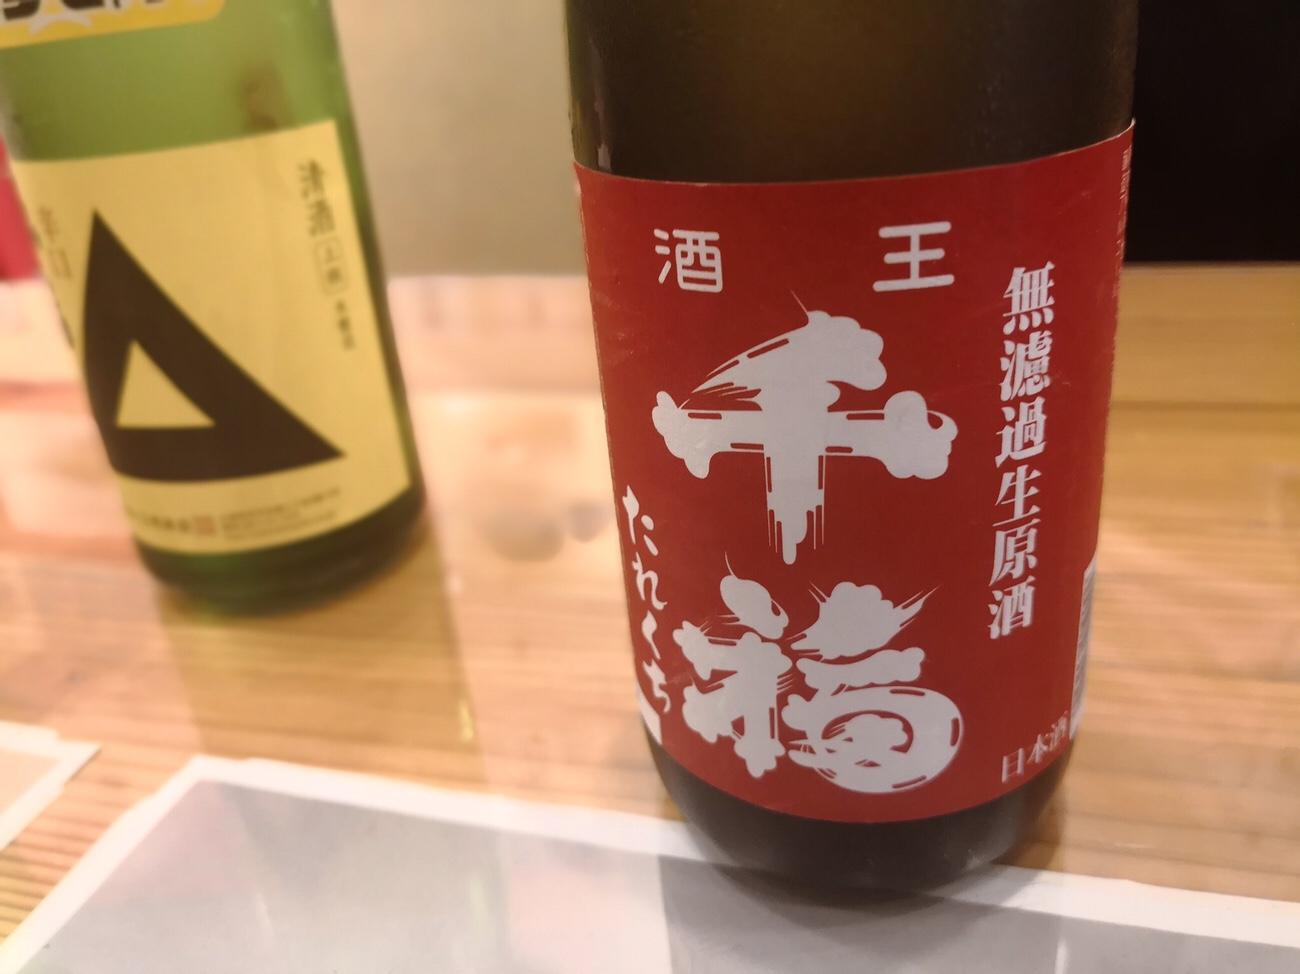 呉旅行 1日目で見学した千福のお酒